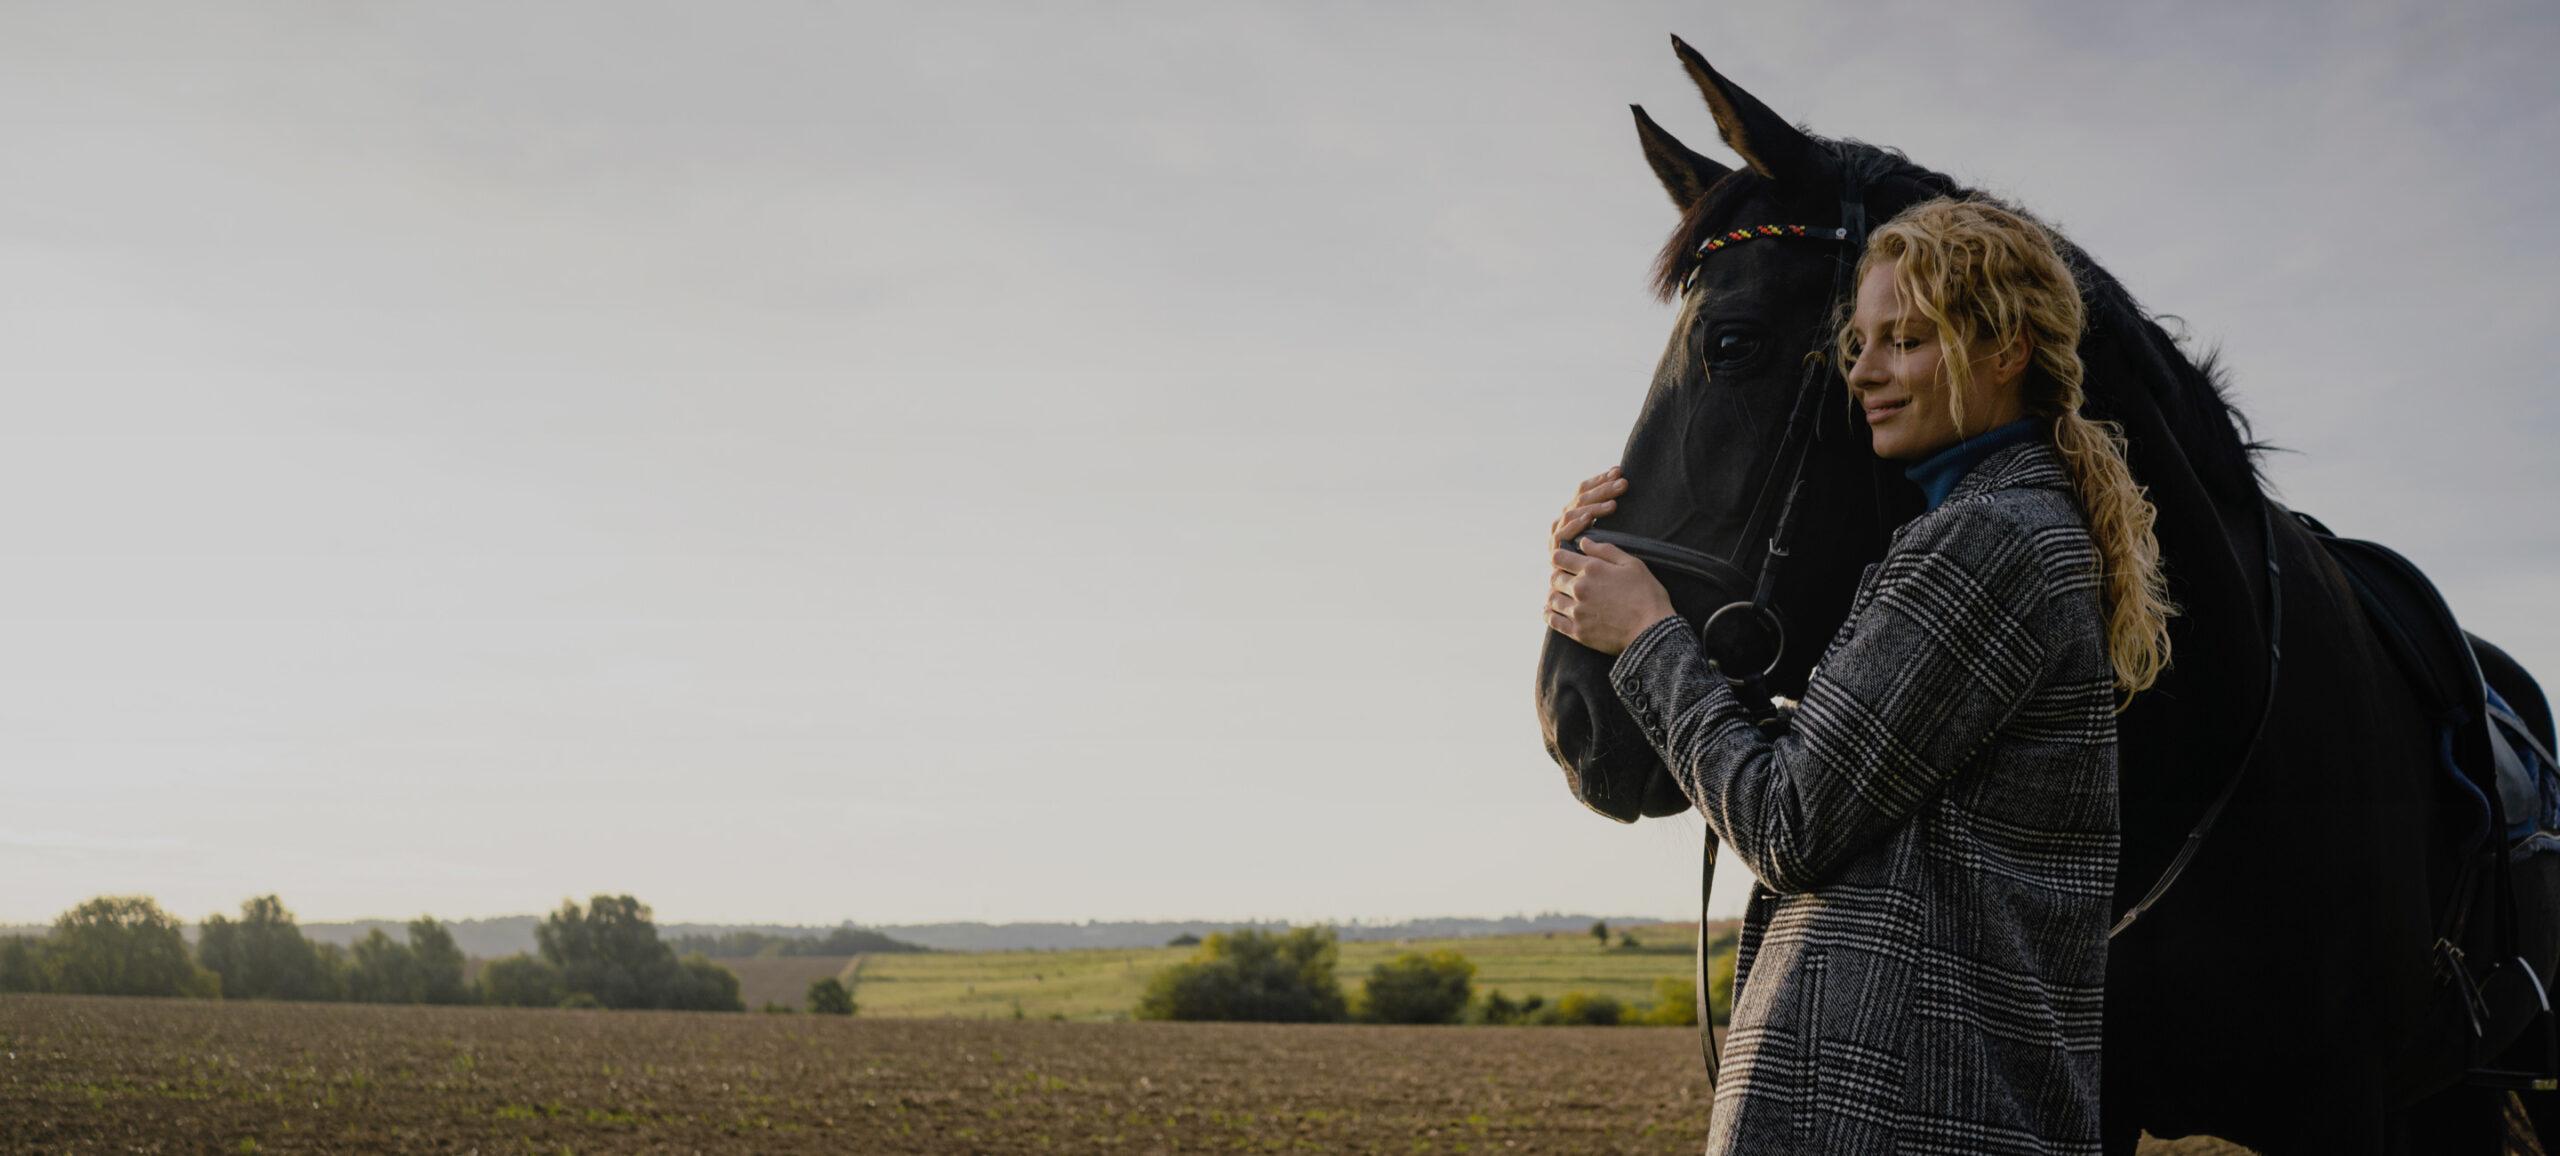 Frau steht neben Pferd und hält dessen Kopf